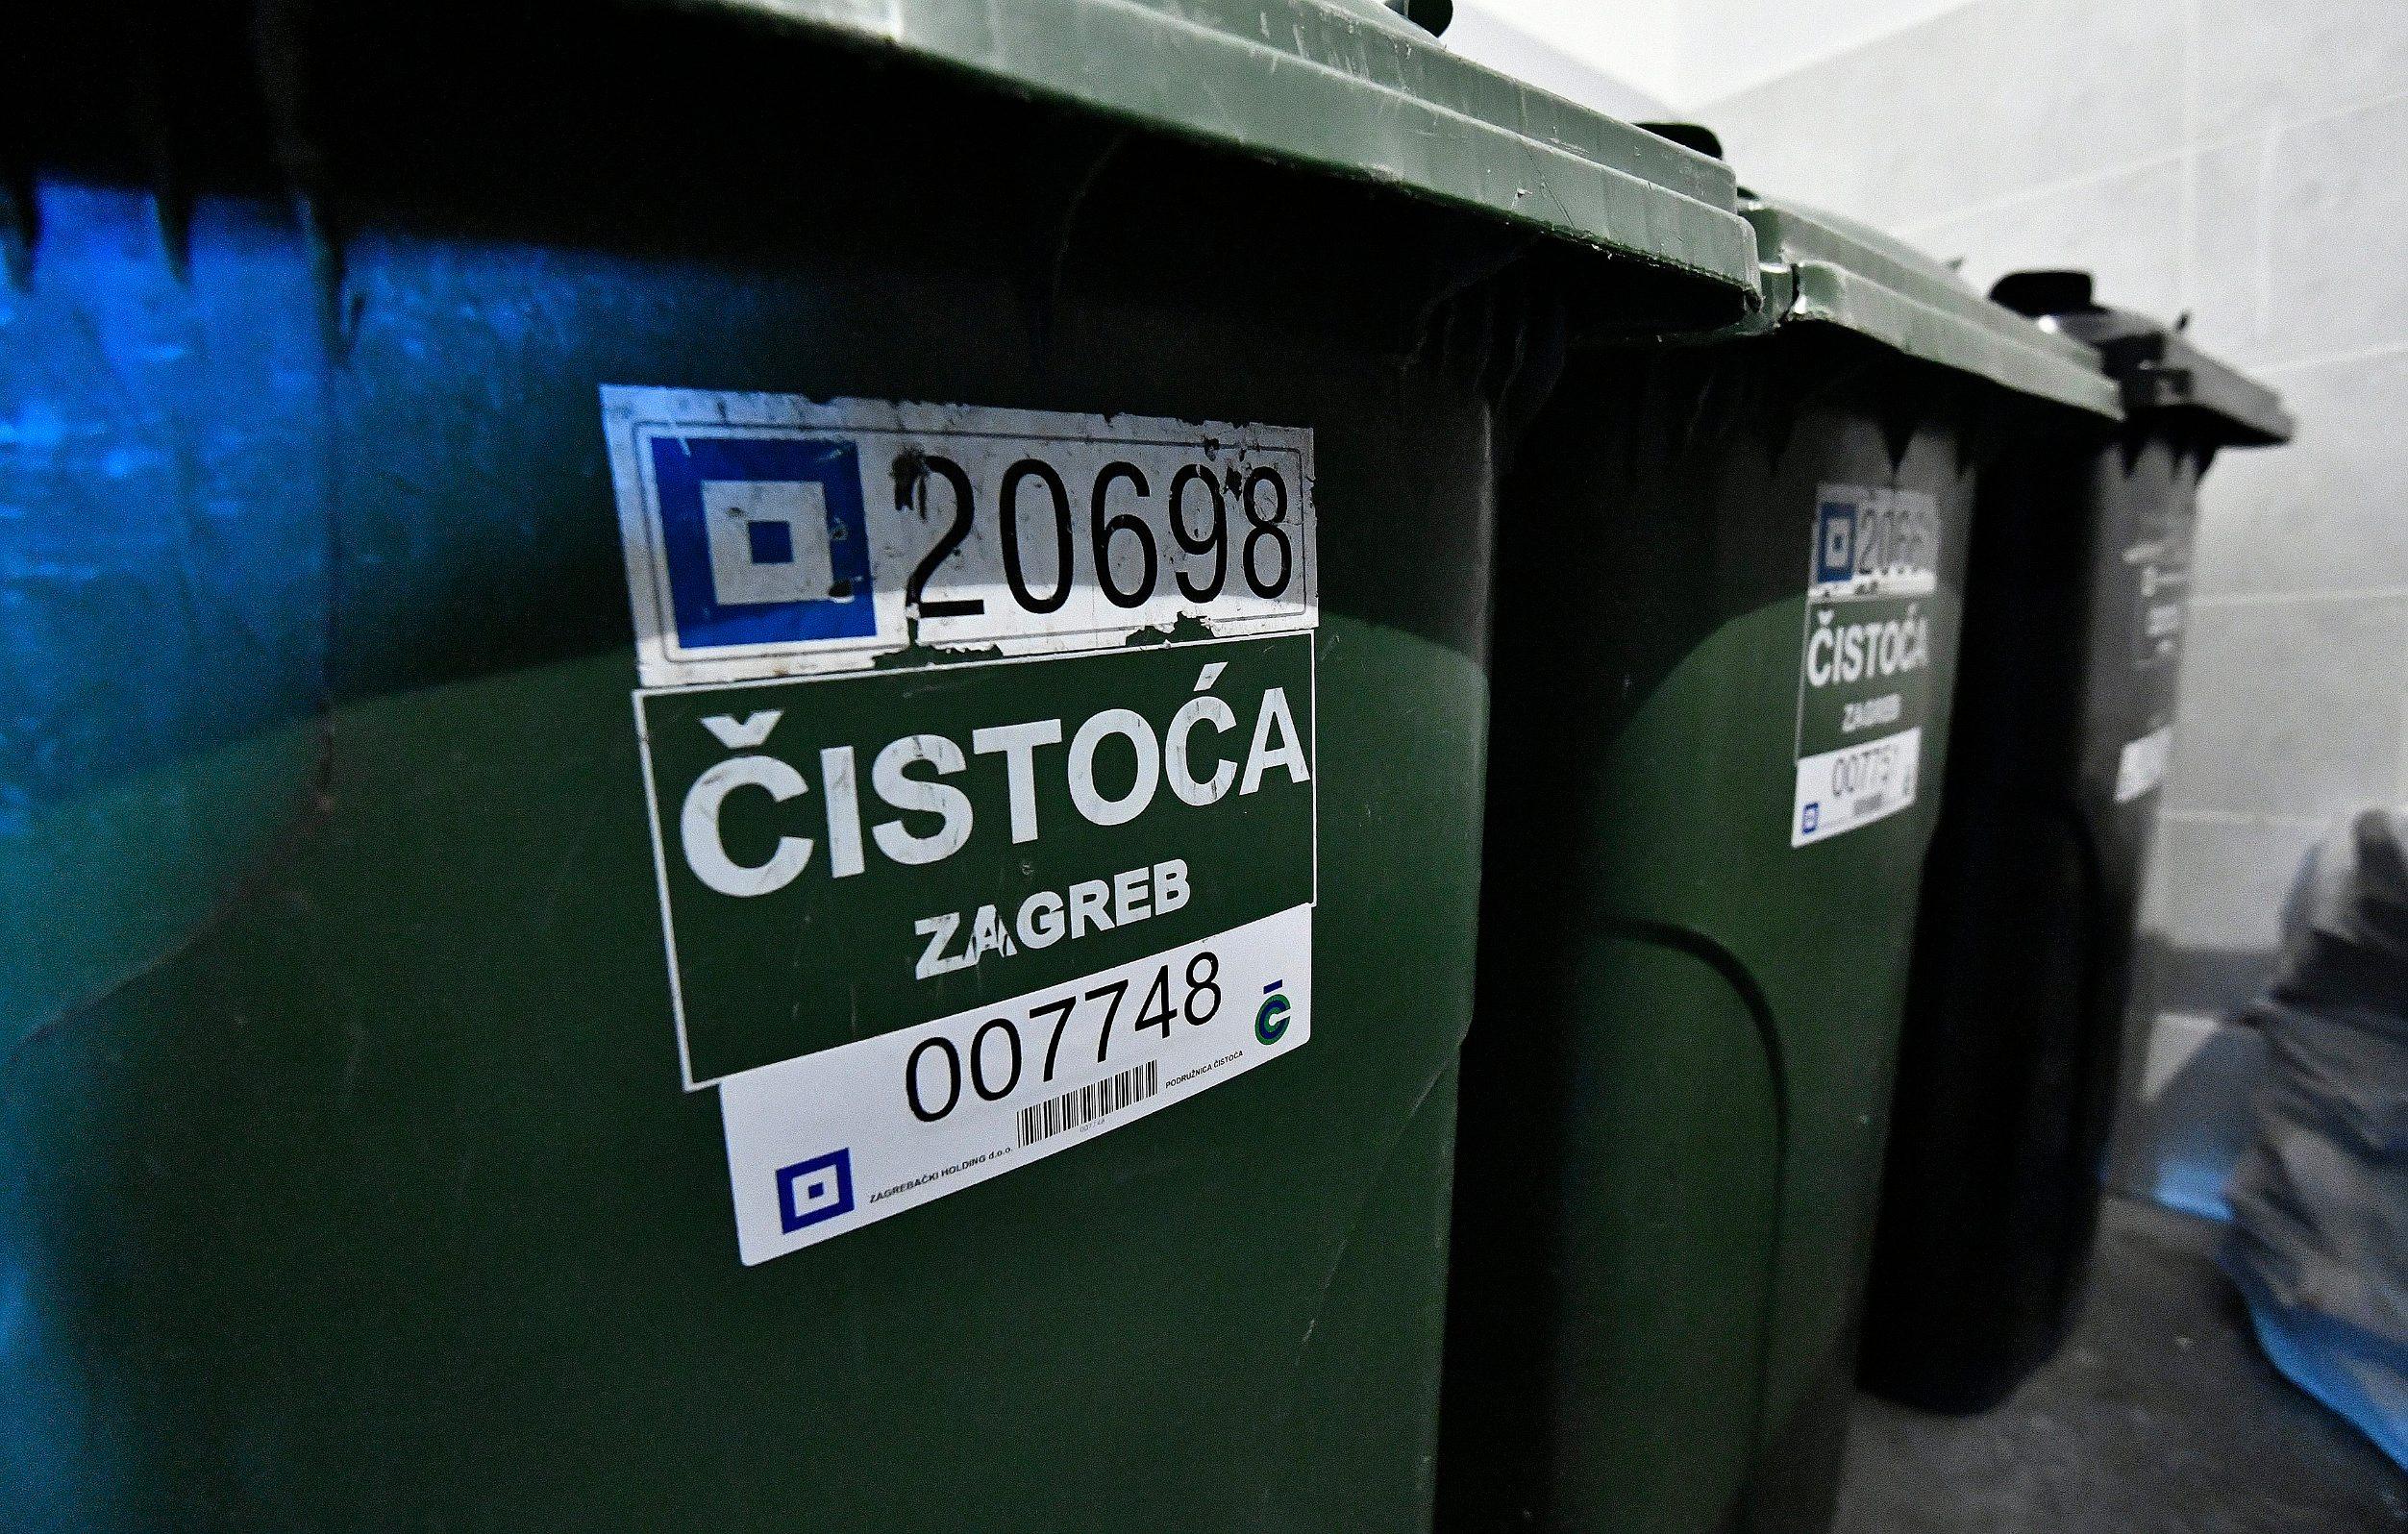 cistoca_cip-221019